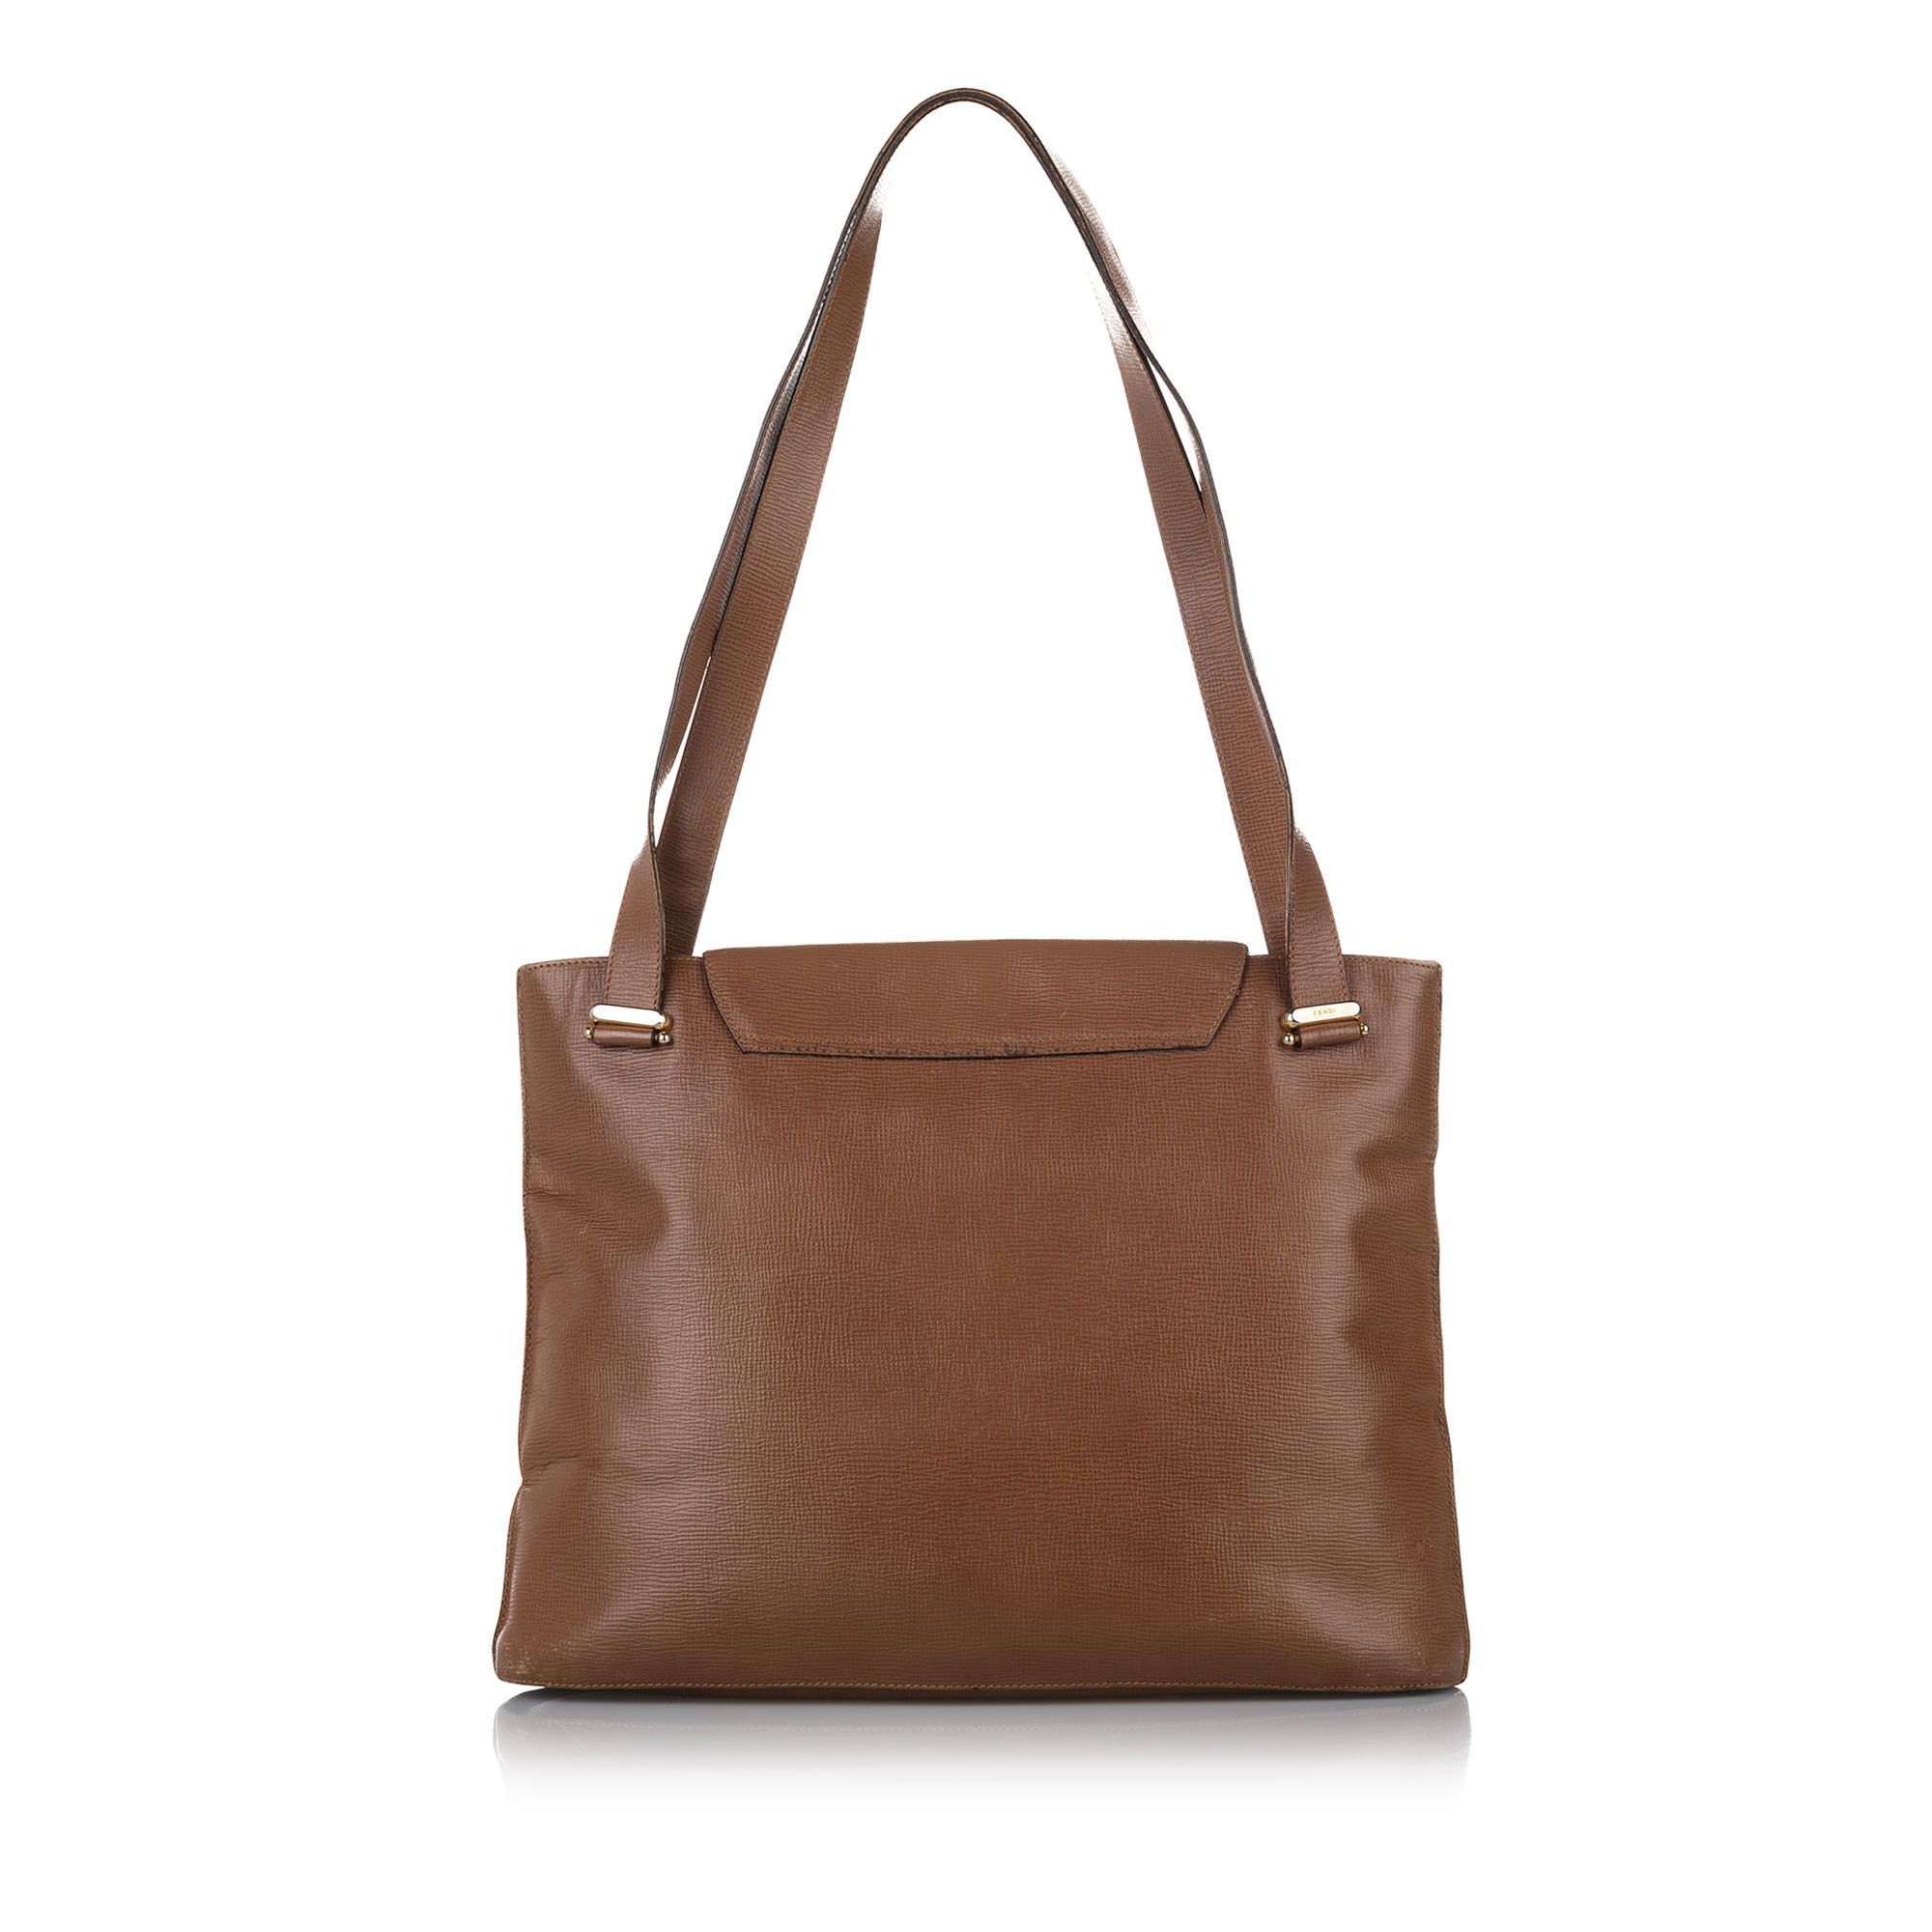 Vintage Fendi Leather Tote Bag Brown